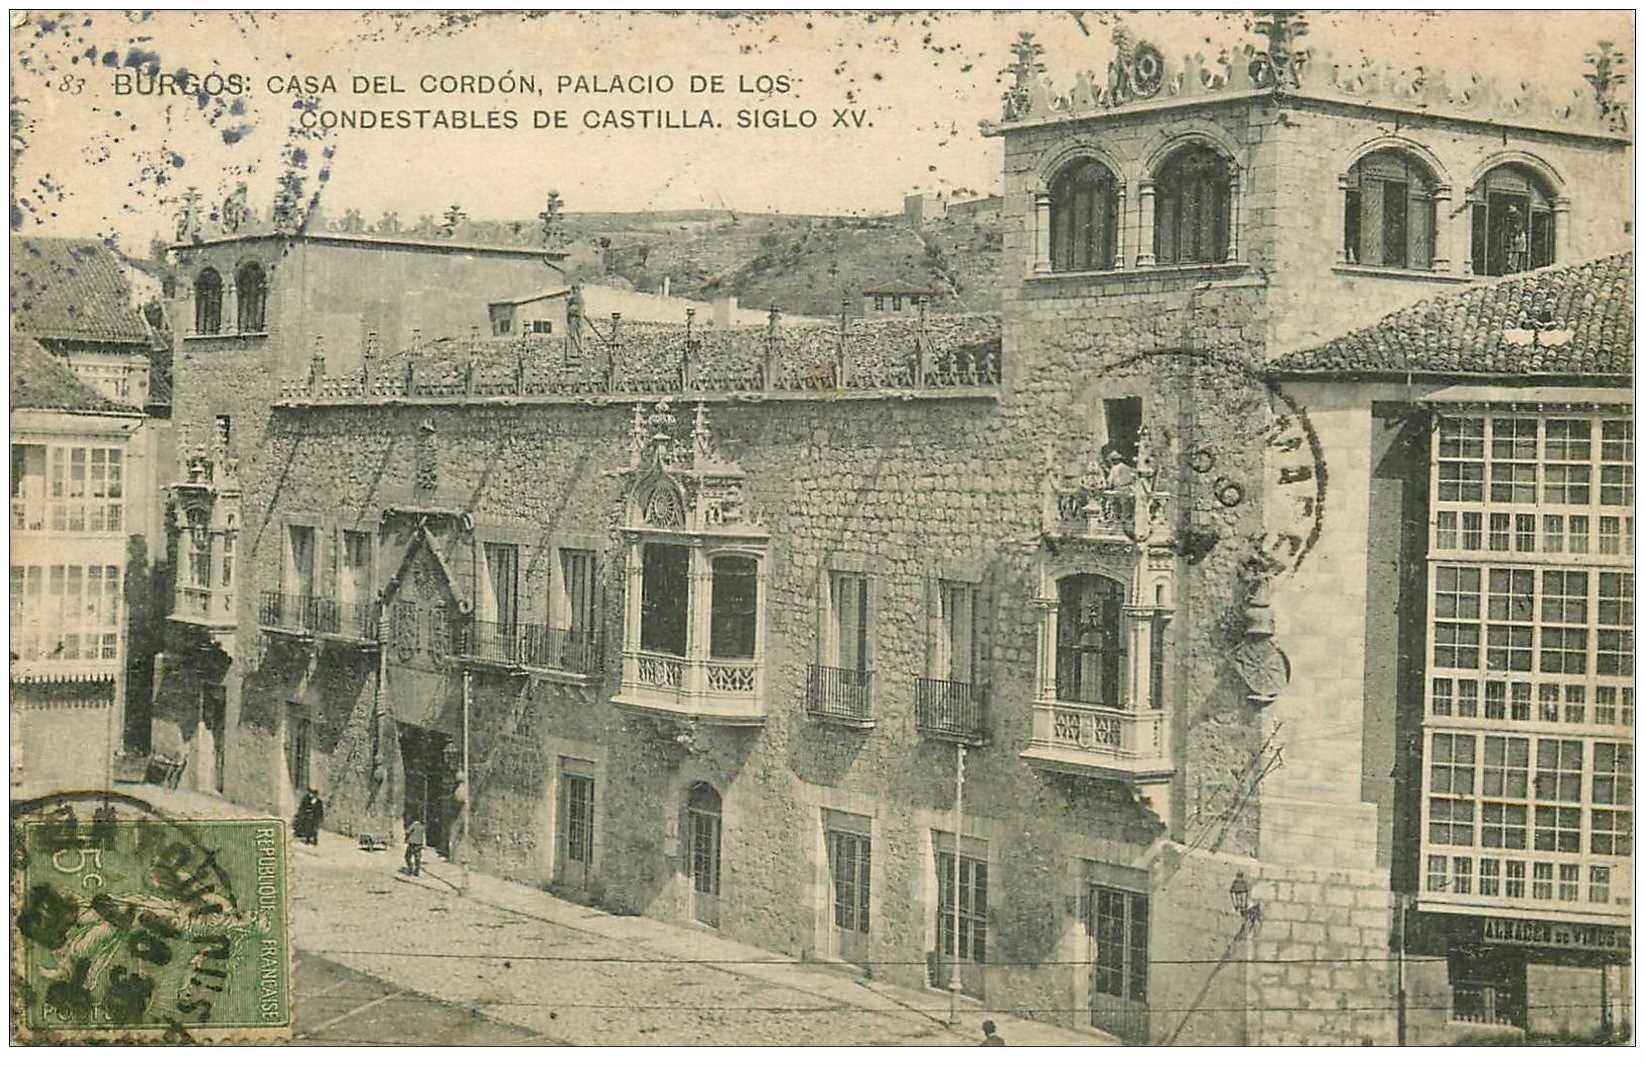 carte postale ancienne Espagne. BURGOS. Casa del Cordon Palacio de los Condestables de Castilla 1920